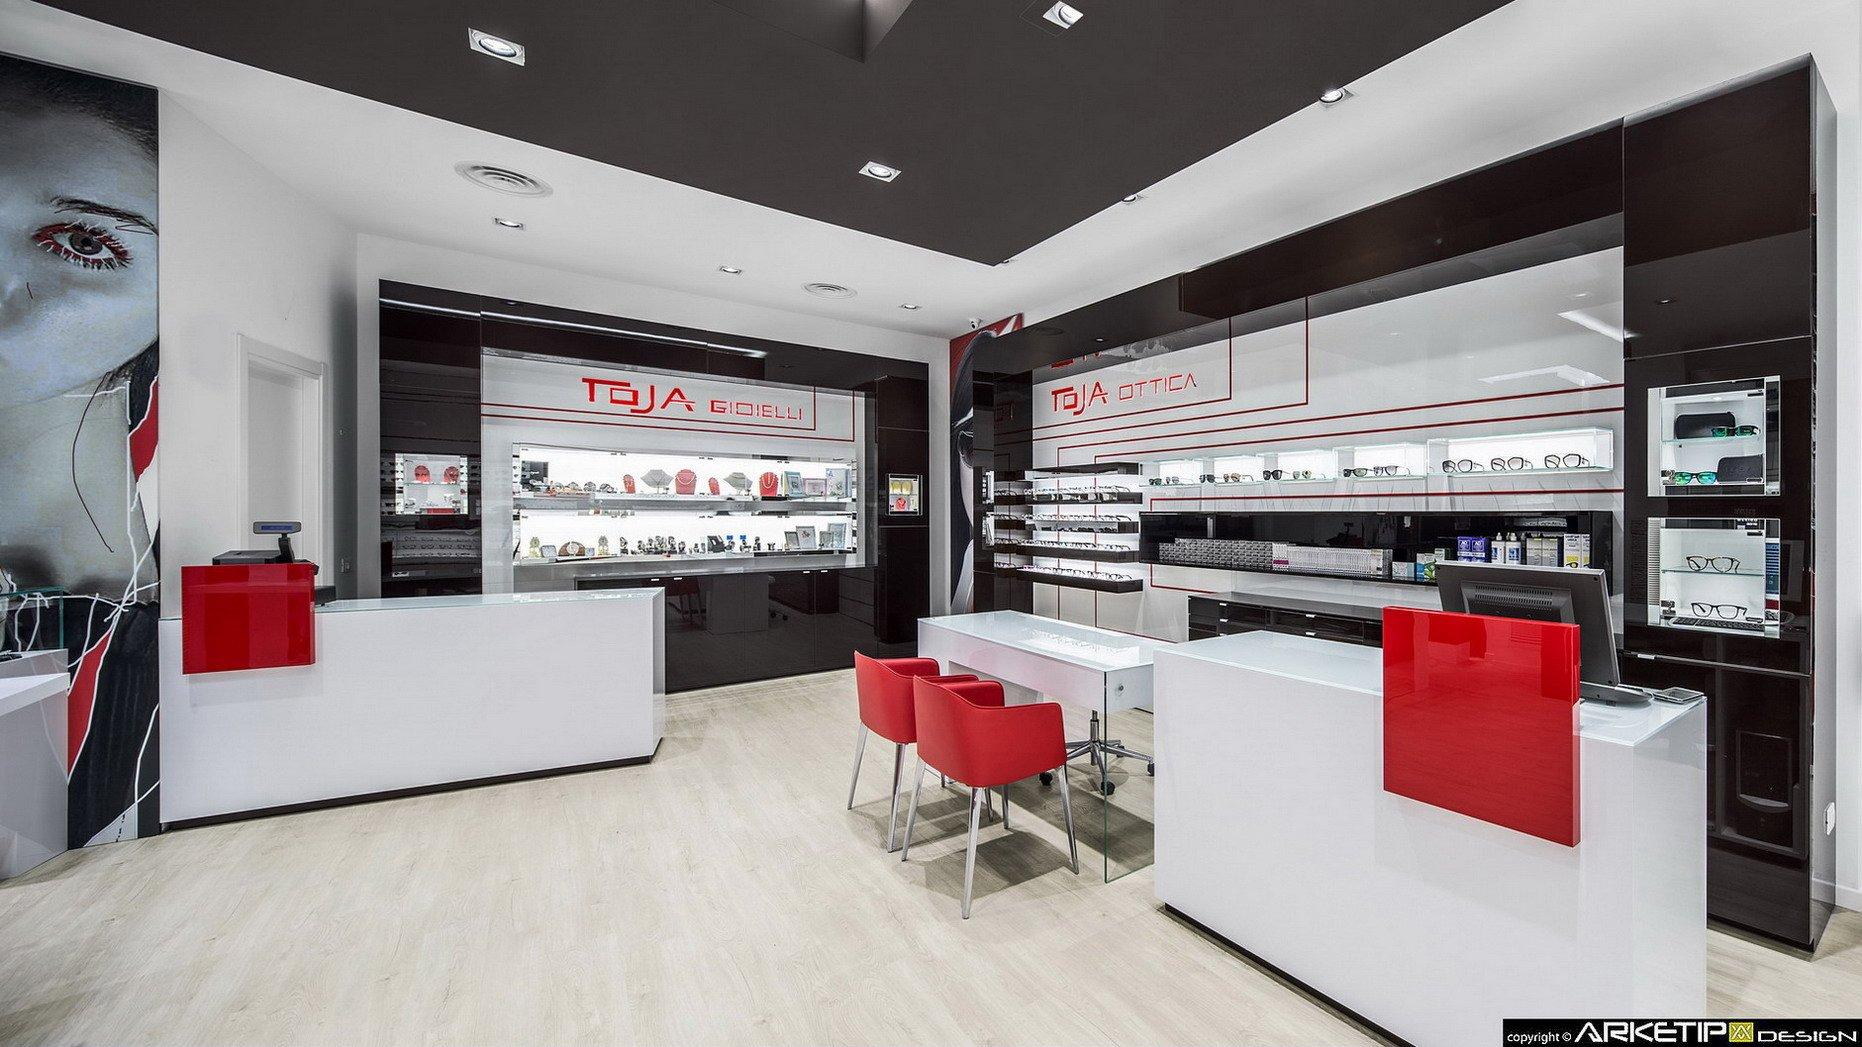 Negozi di arredamento torino negozi mobili design torino for Arredamento per negozi torino